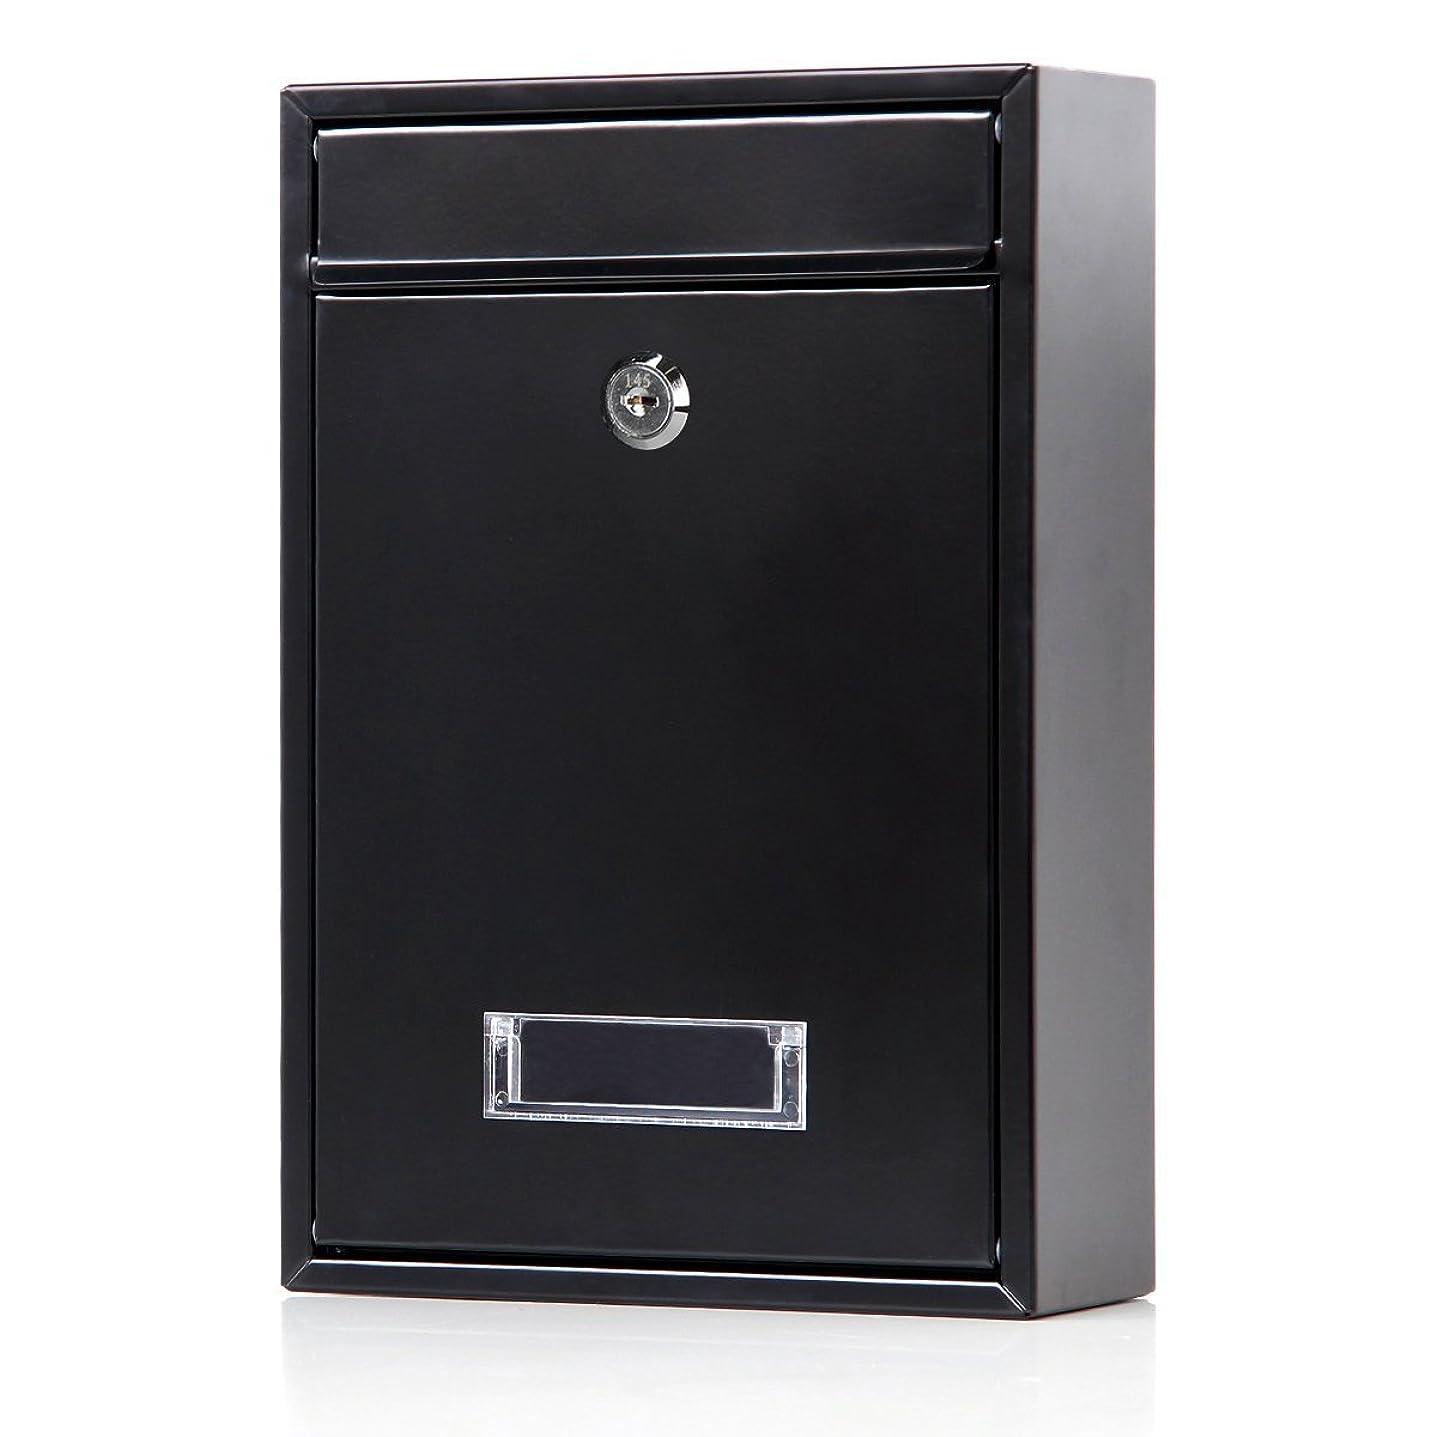 露骨な望み速報Jssmst(ジェスマット) メールボックス ポスト 郵便受け 壁掛け キーロック式 鍵付き 金属製 Mail-06 (ブラック キーロック)